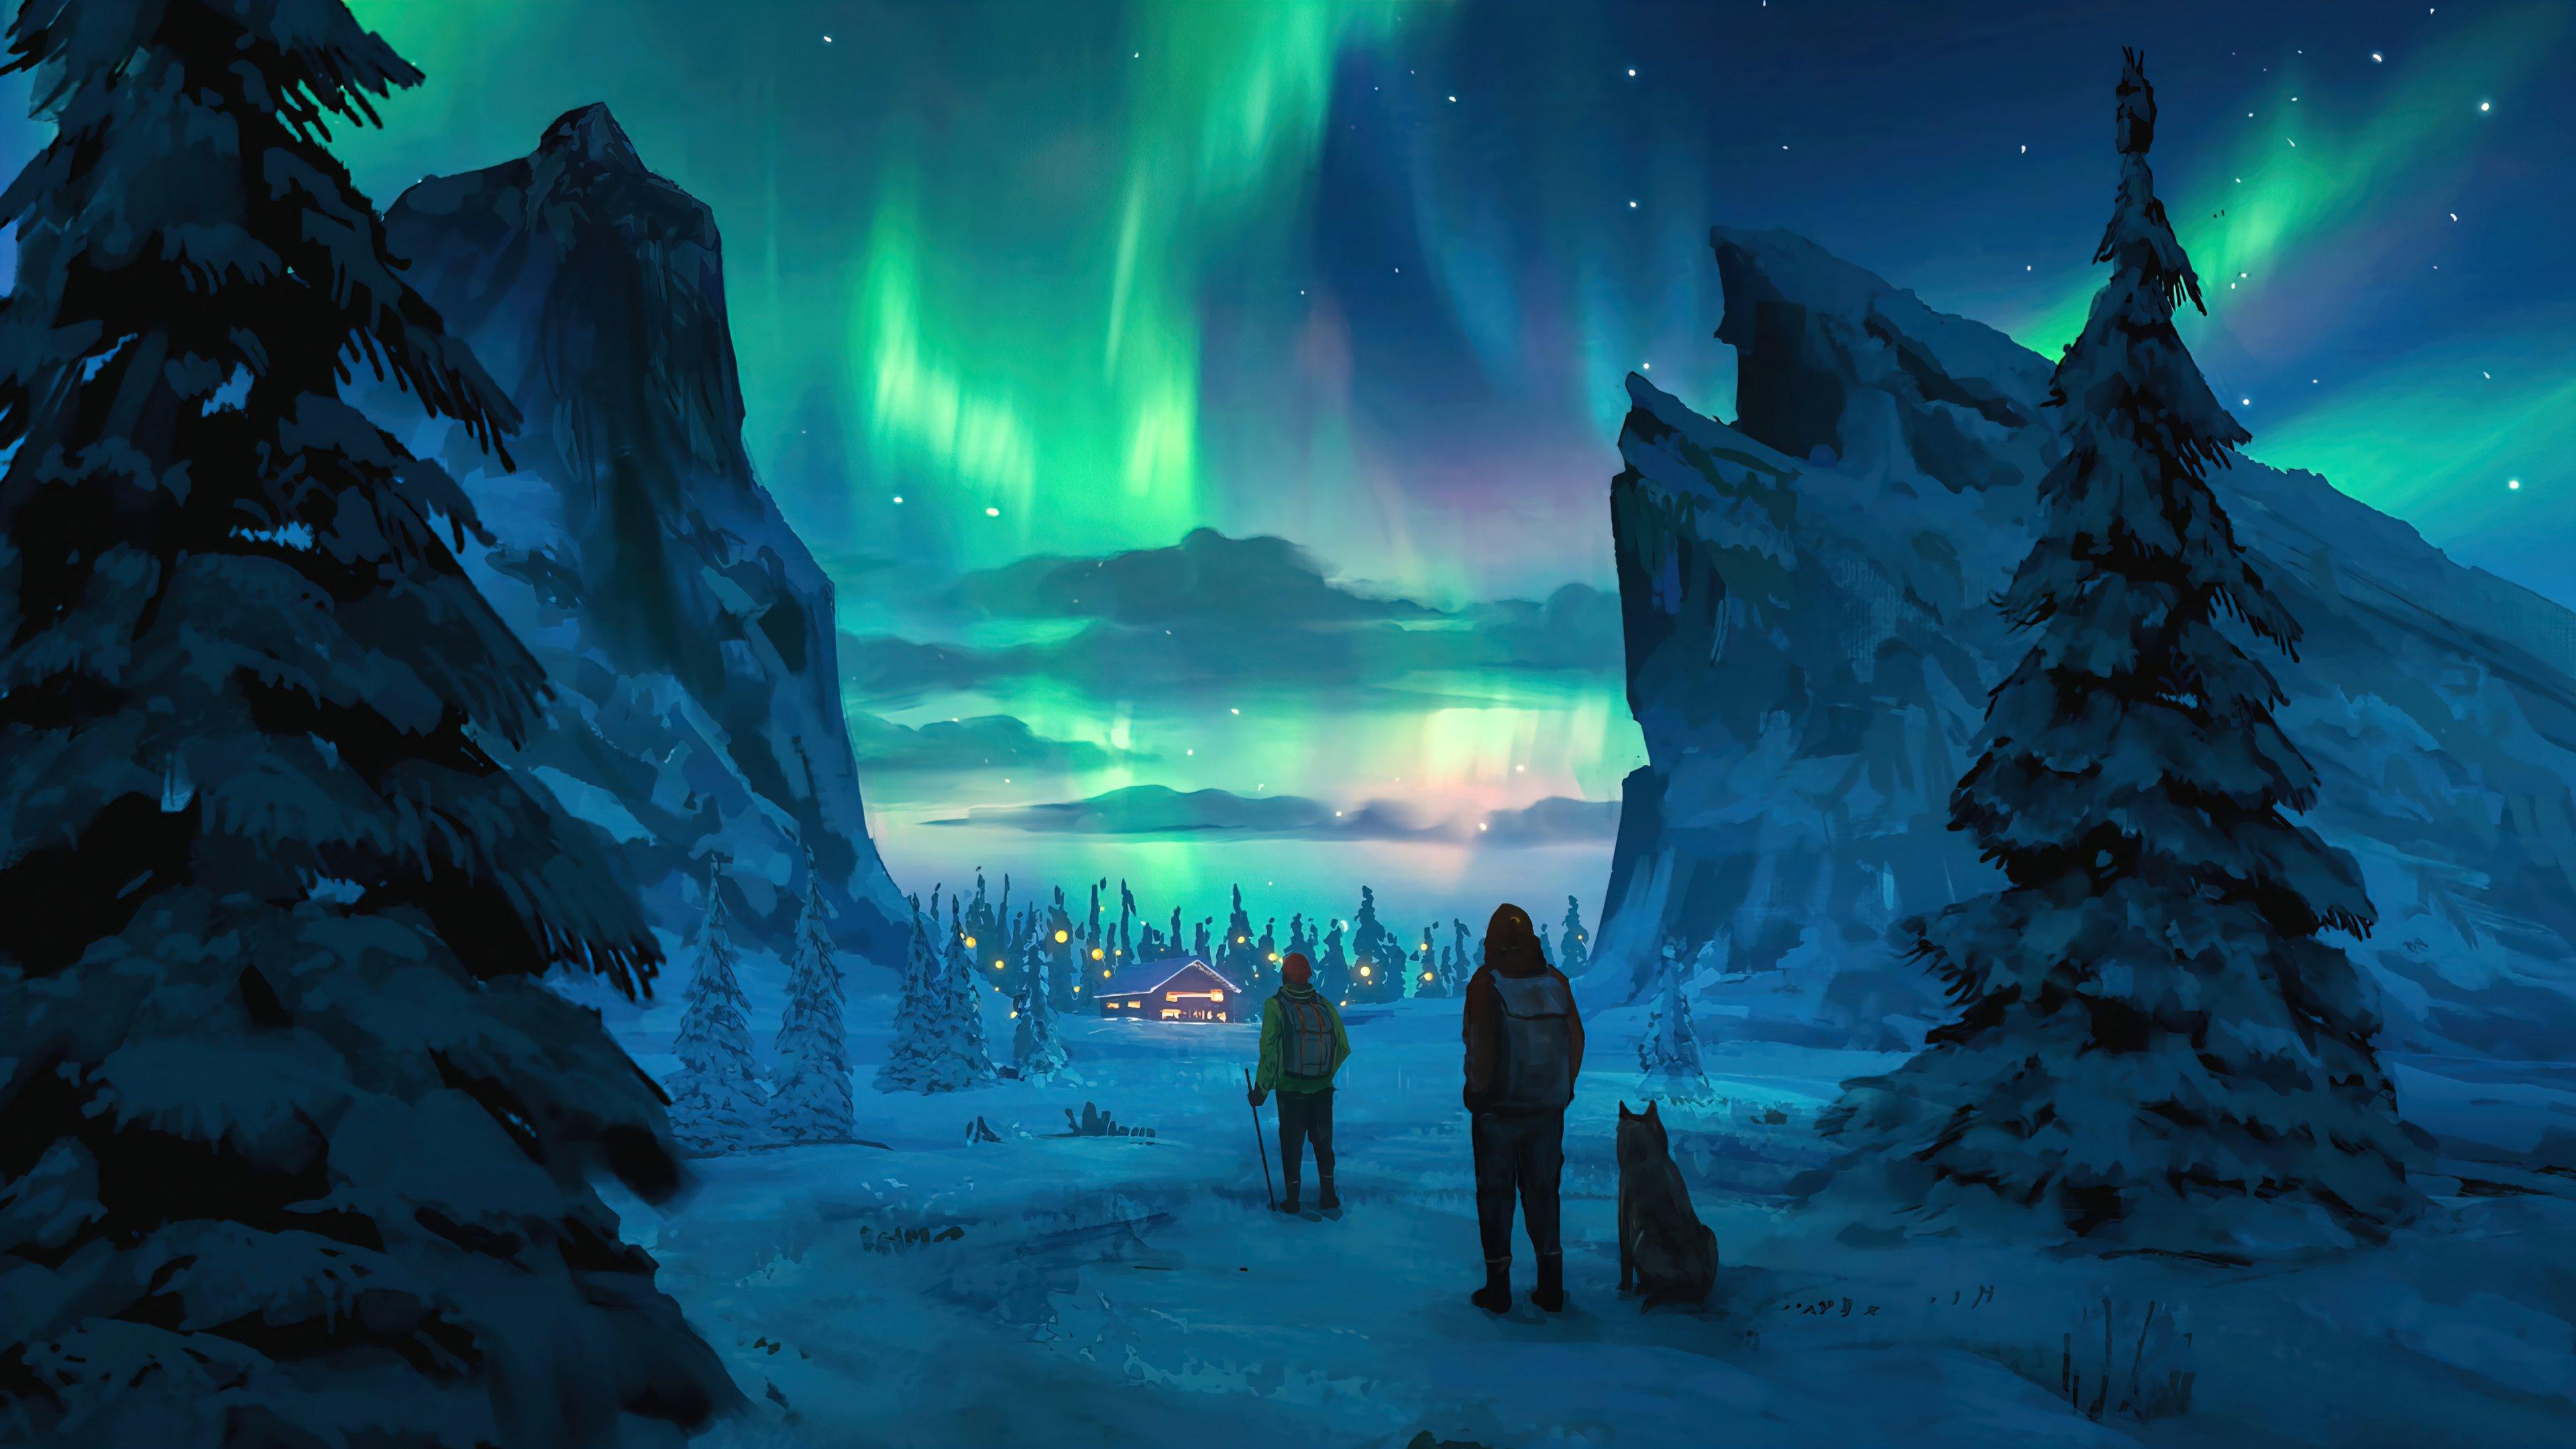 Fondos de pantalla Aurora polar en el cielo nocturno Arte Digital